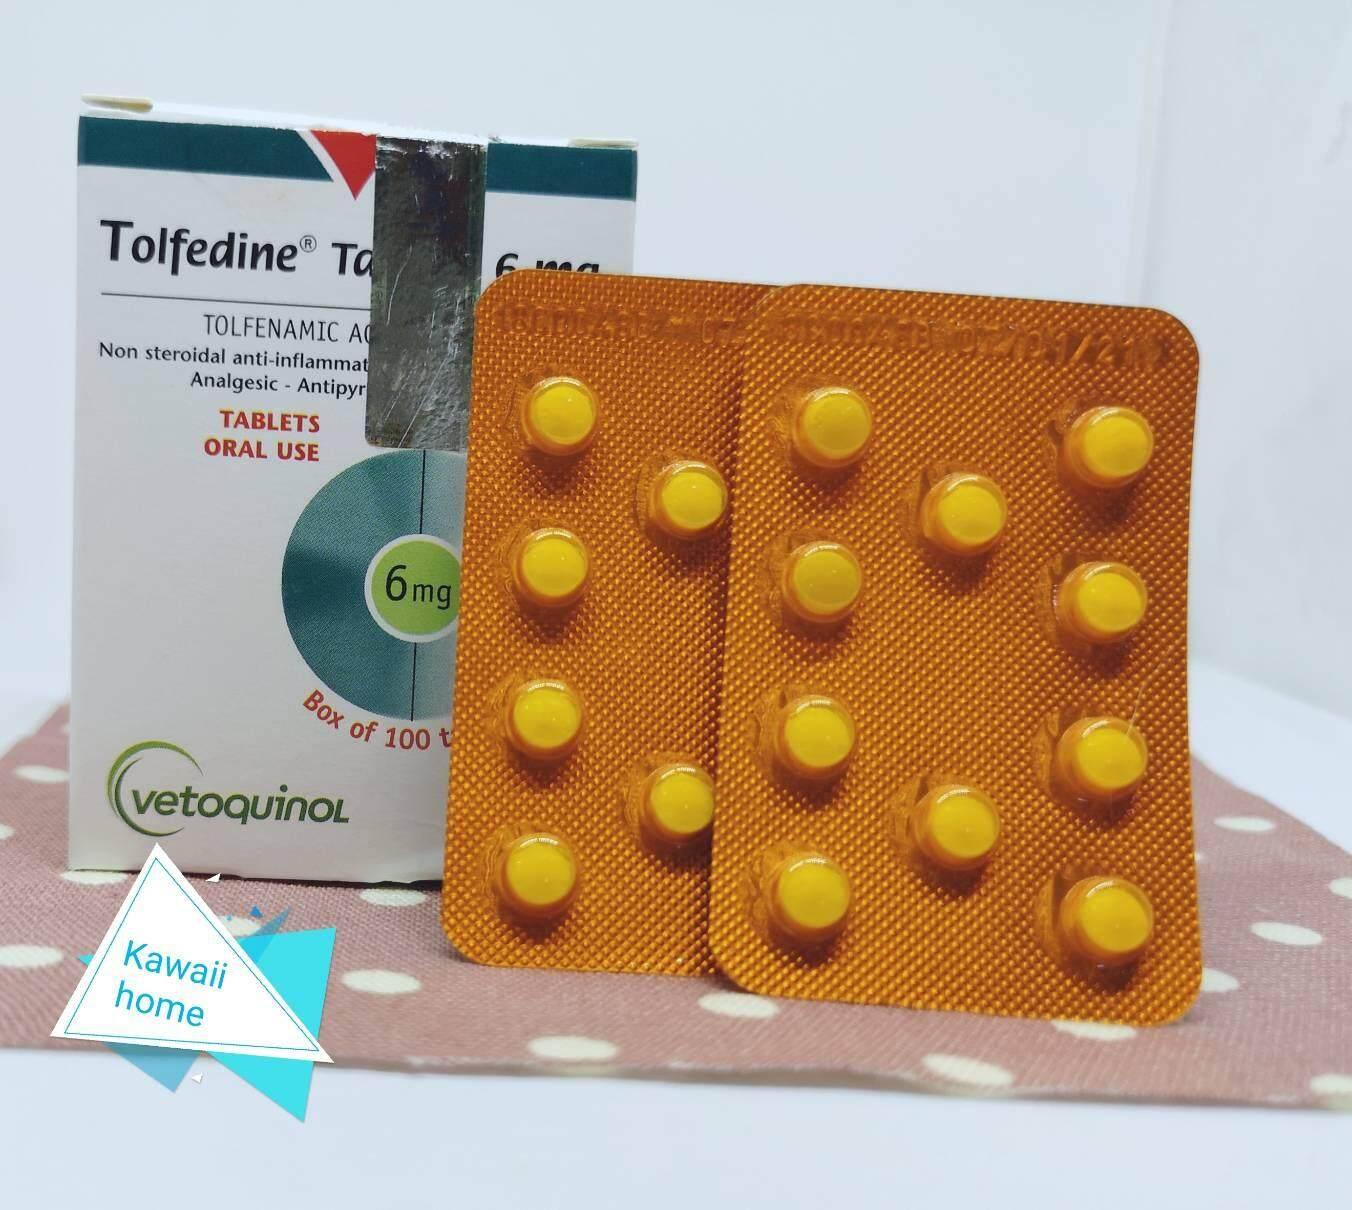 (ae02) Tolfedine 6 Mg โทฟีดีน ยาบรรเทาปวด ลดไข้ สำหรับลูกสุนัขและแมวโดยเฉพาะ (แบ่งขาย 2 แผง จำนวน 20 เม็ด) หมดอายุ 01/2021.